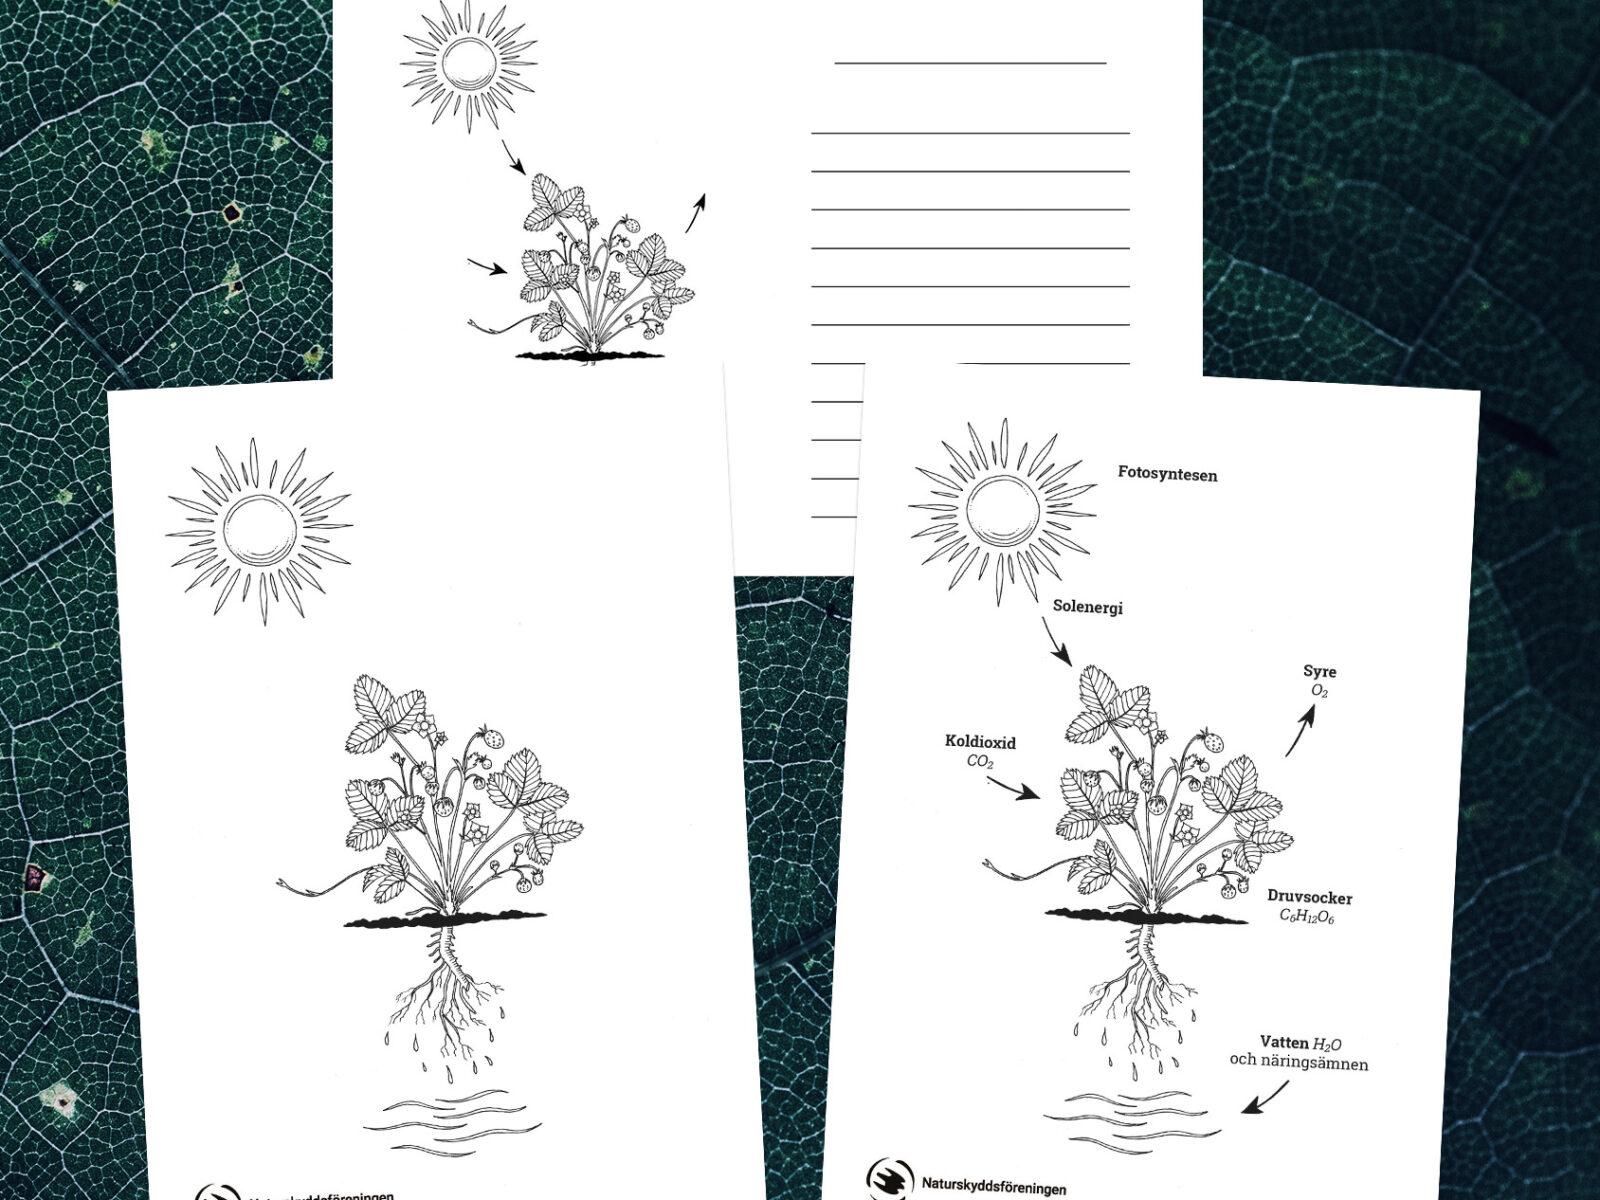 fotosyntes, fotosyntesen, ritblad